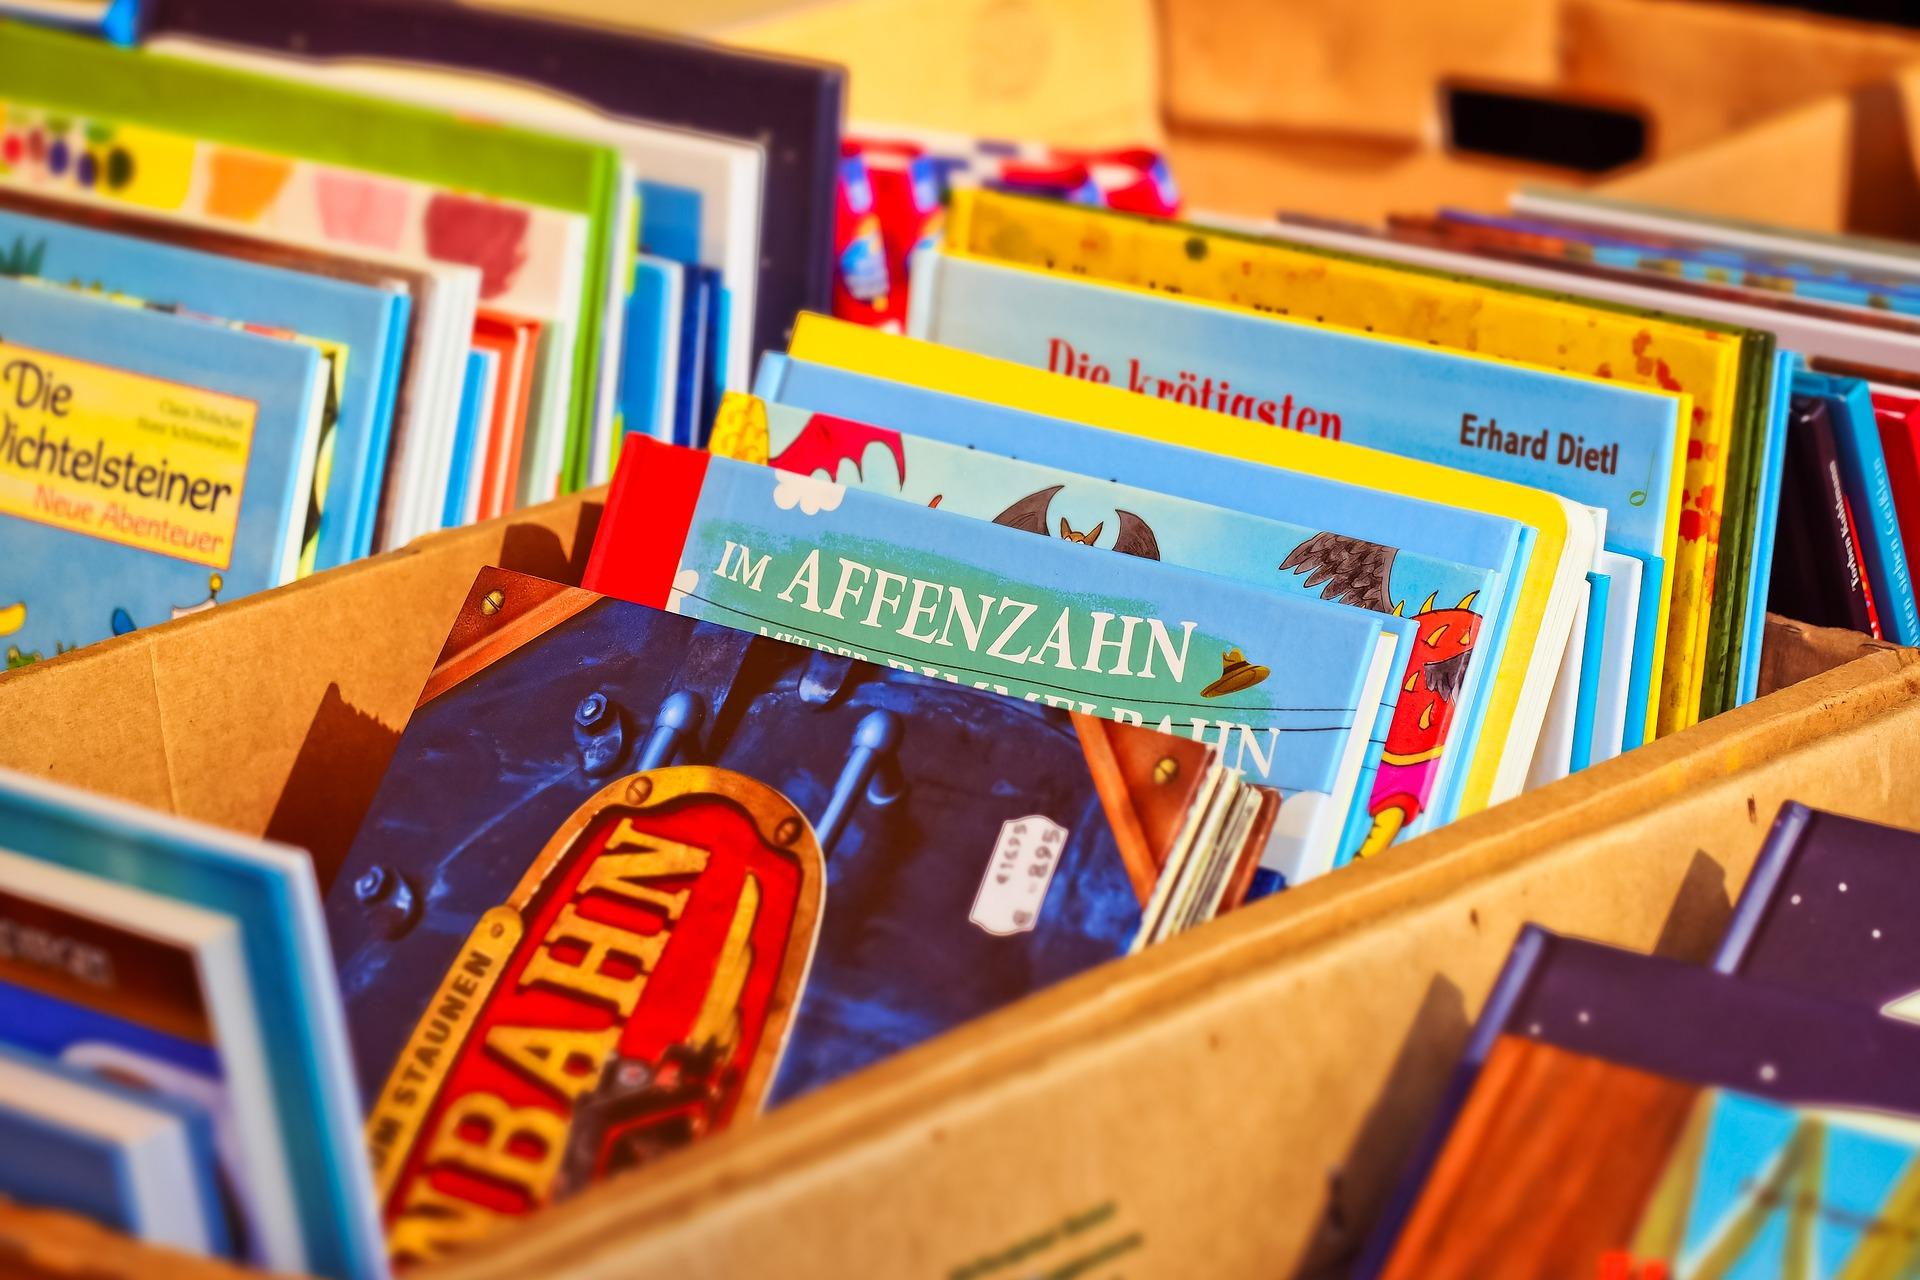 Kinderbücher verkaufen